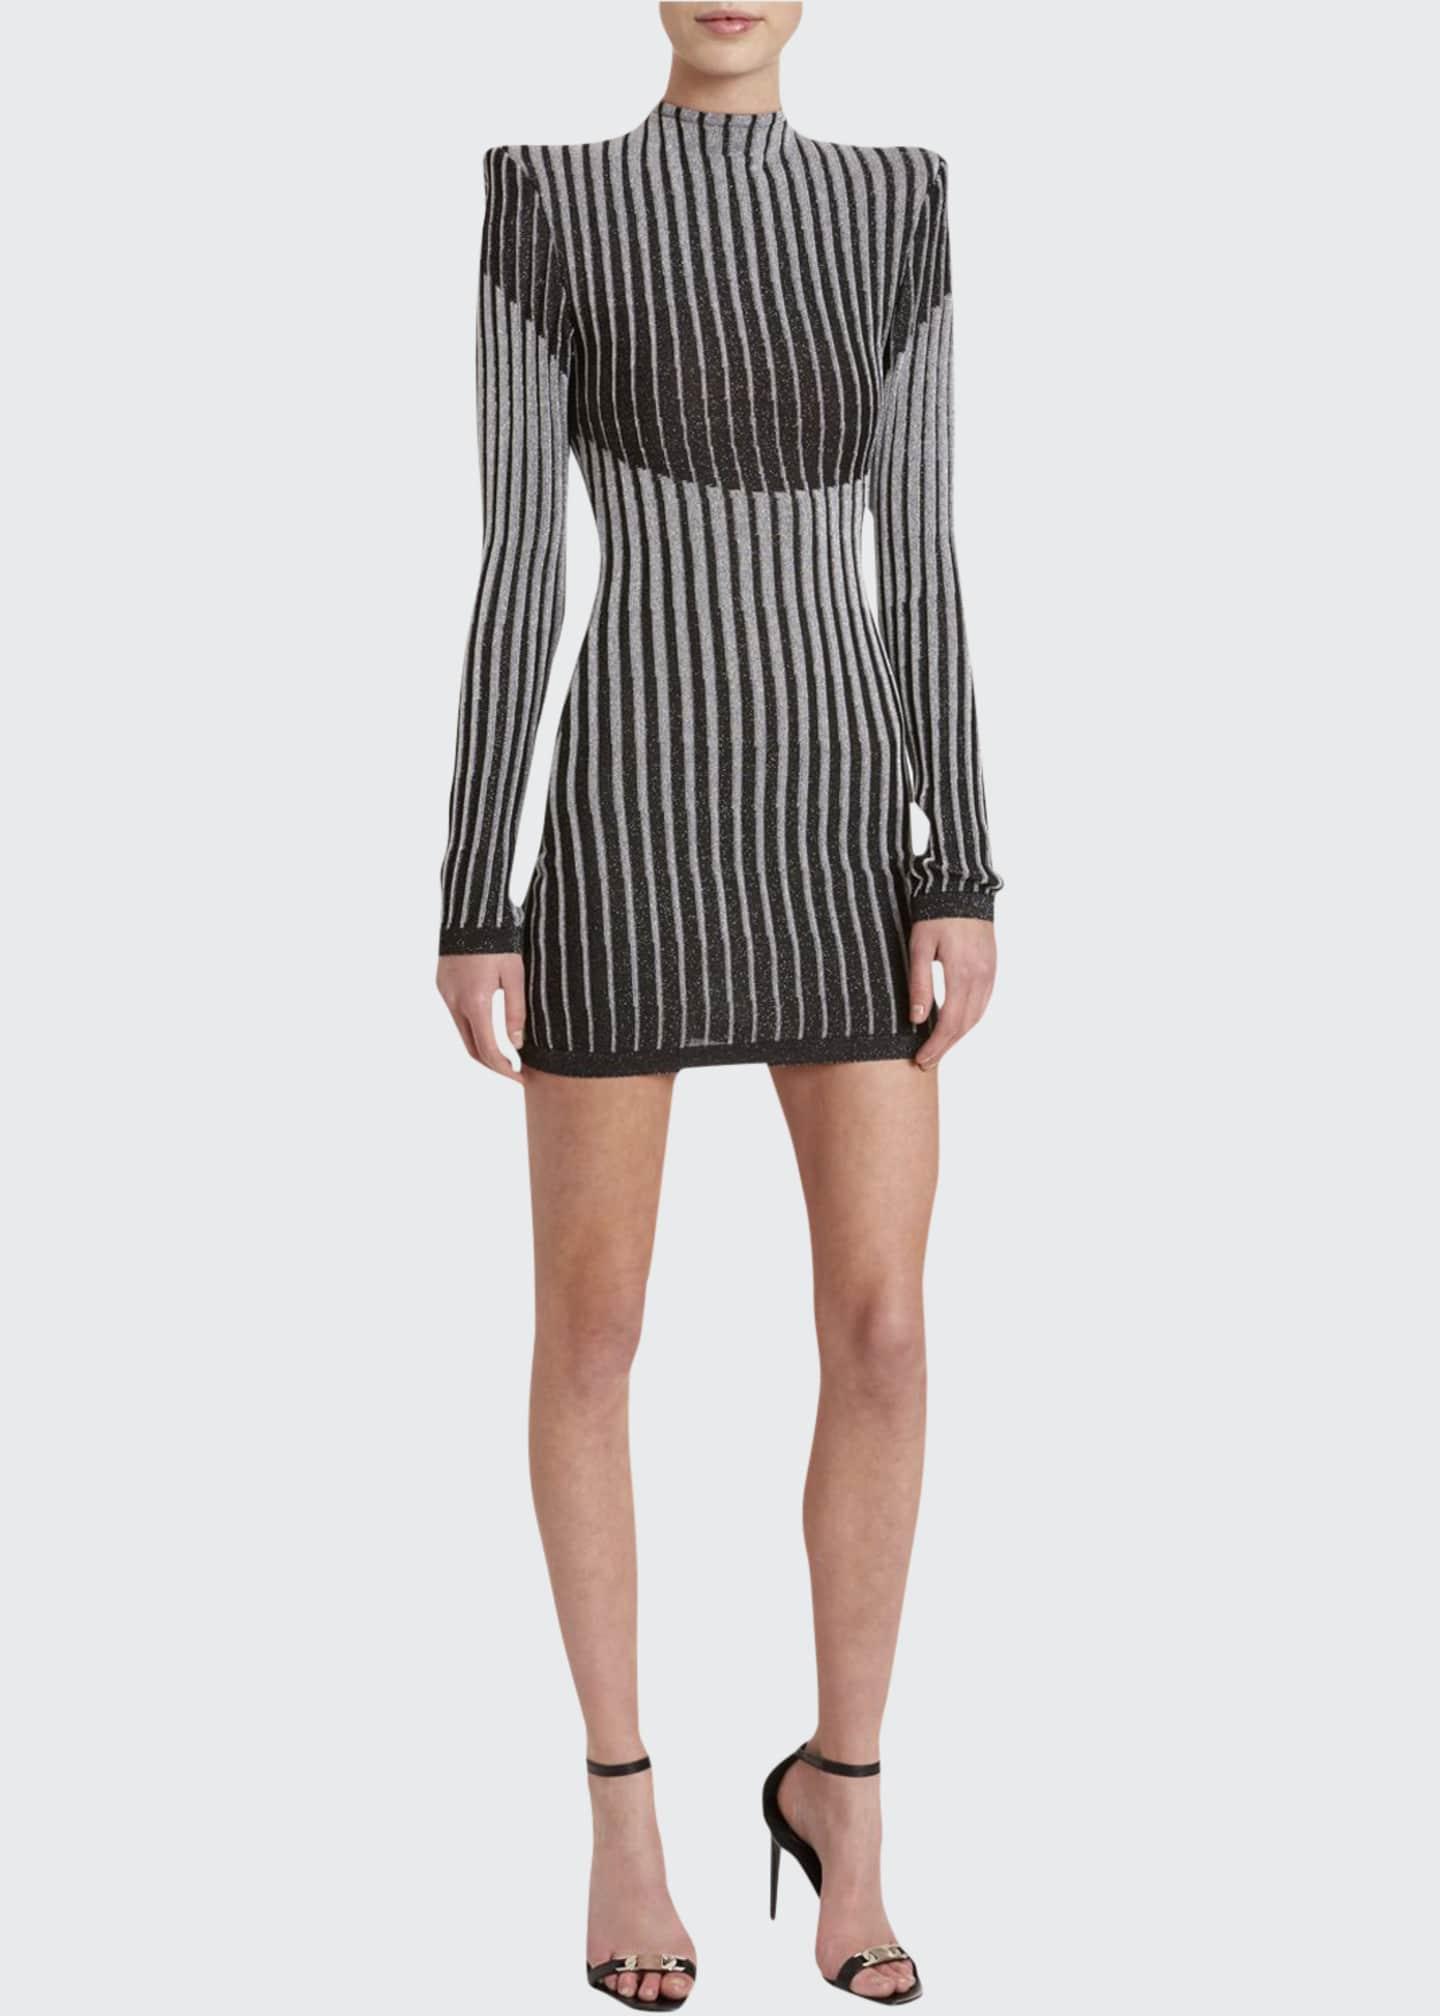 Balmain Striped High-Neck Bodycon Cocktail Dress